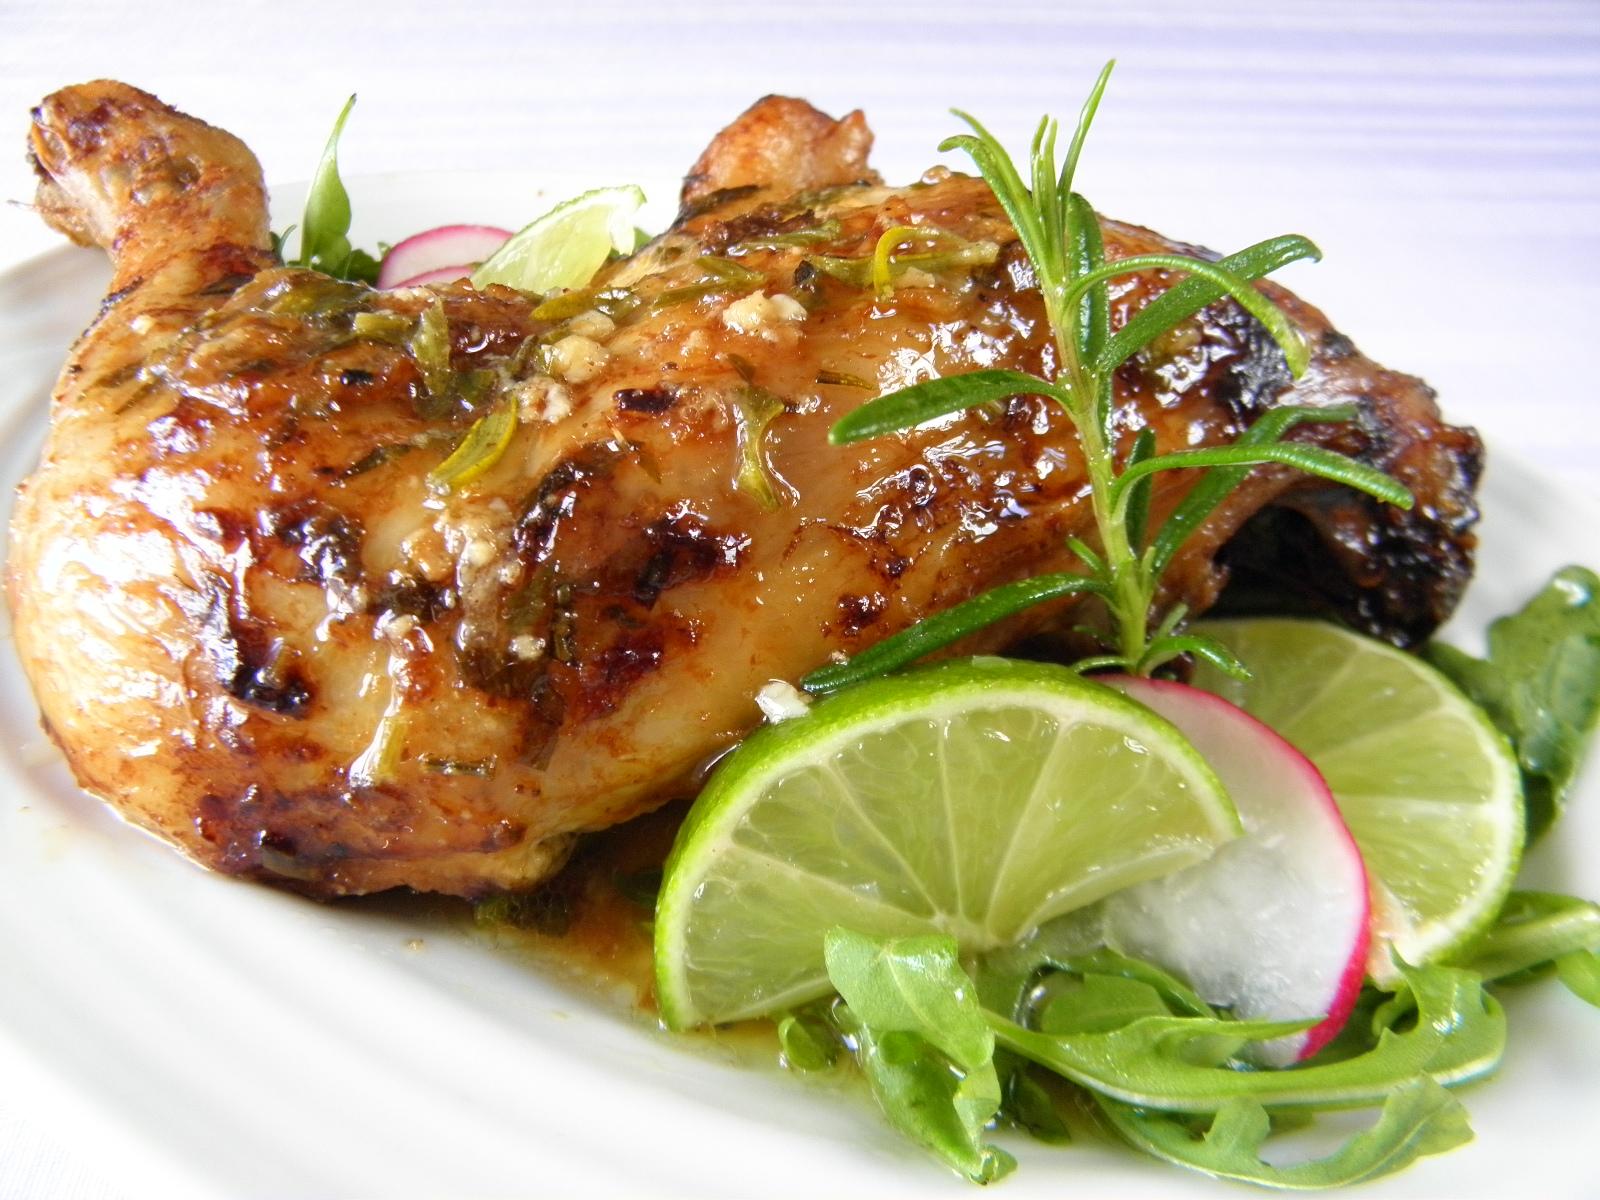 Fotografie receptu: Pečené kuřecí stehno s chutí limetky